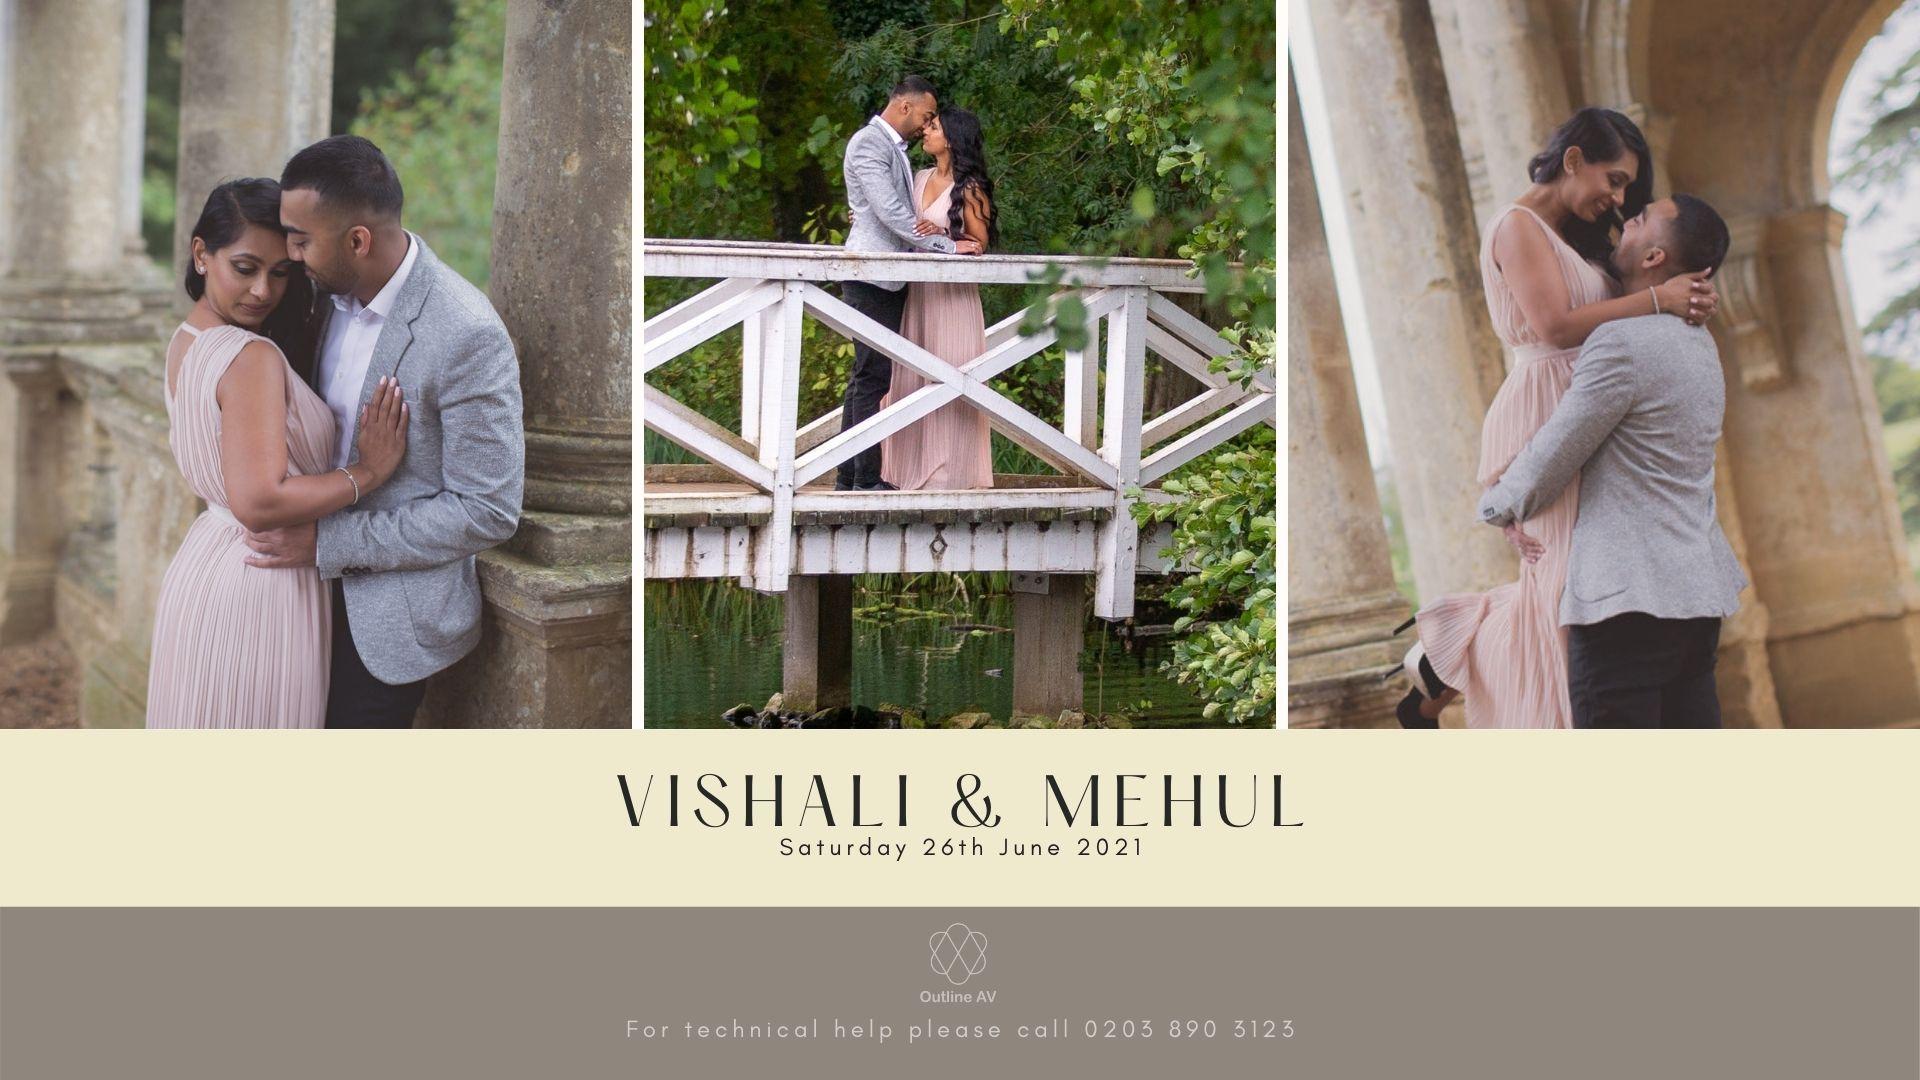 Vishali & Mehul - Live Stream